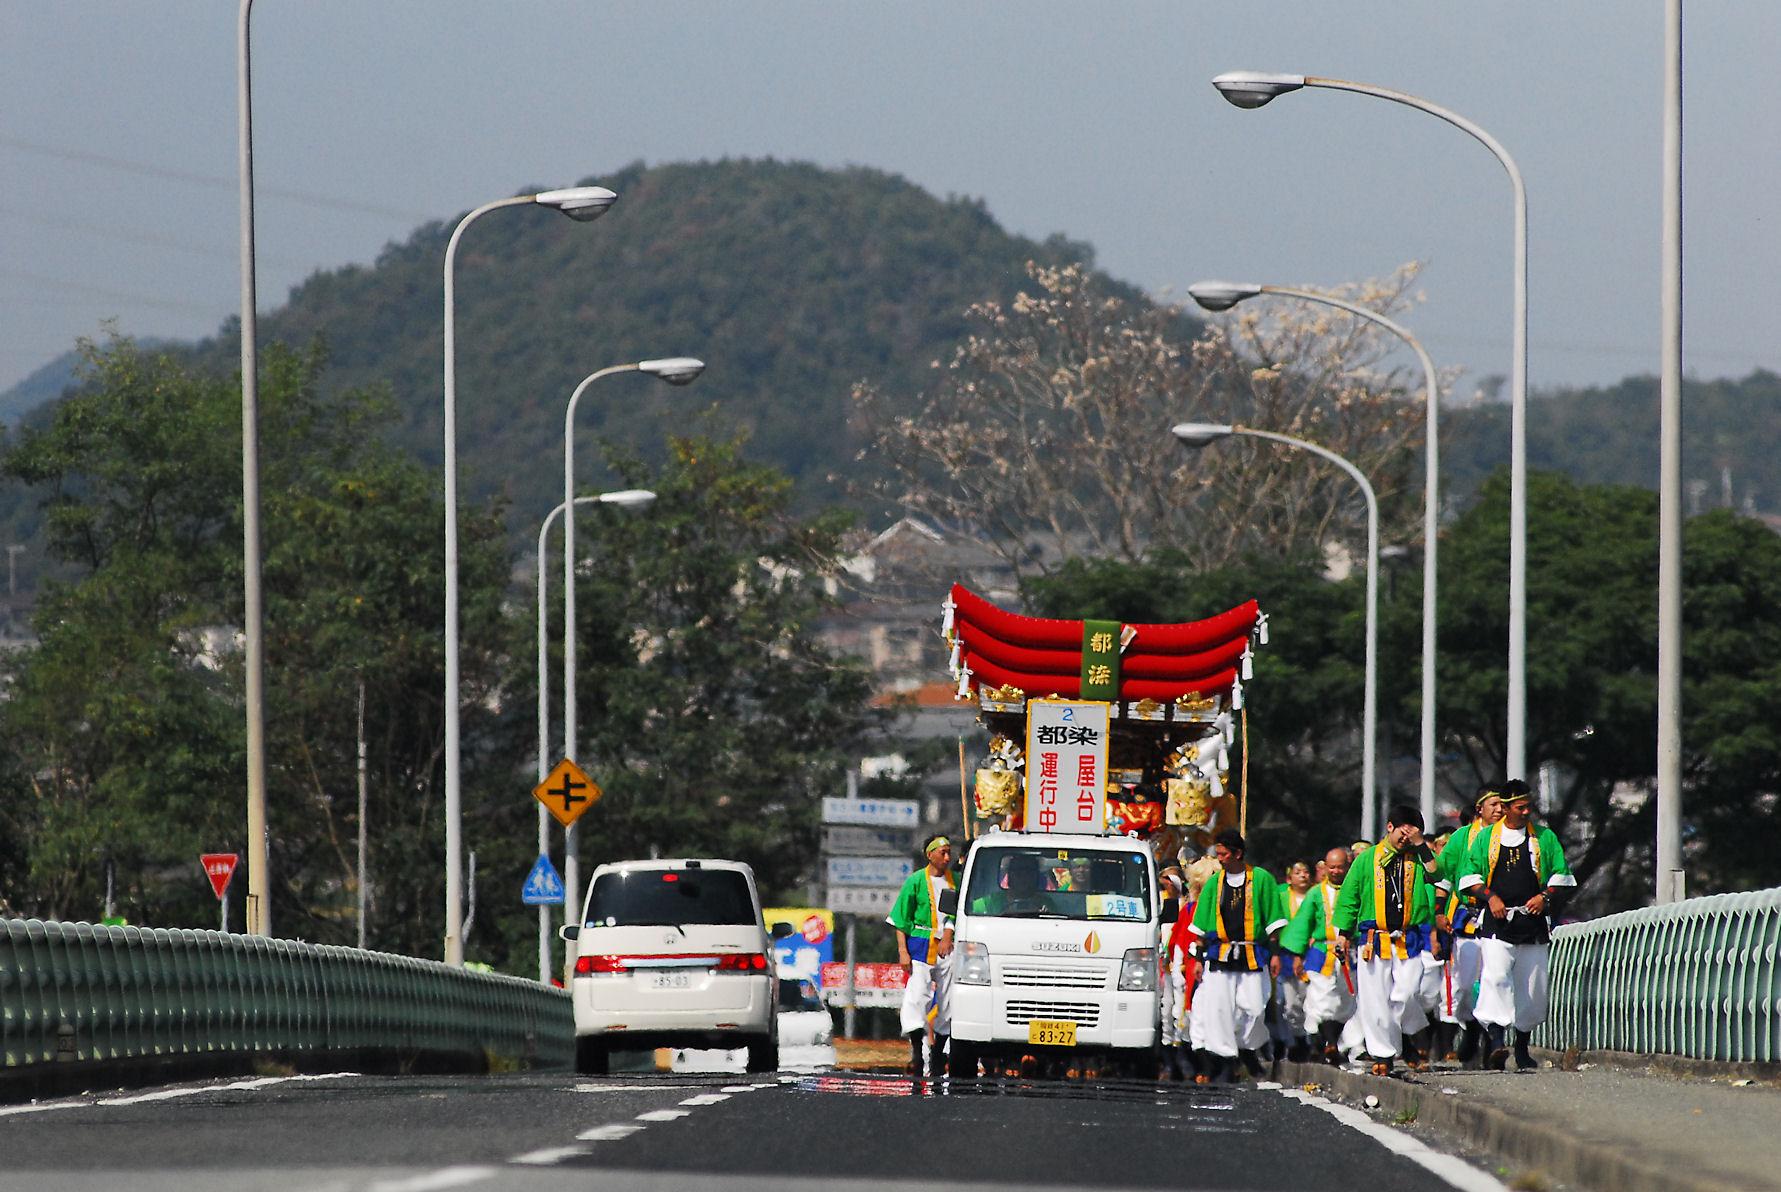 上荘神社の祭りのボツ写真_c0136419_034737.jpg